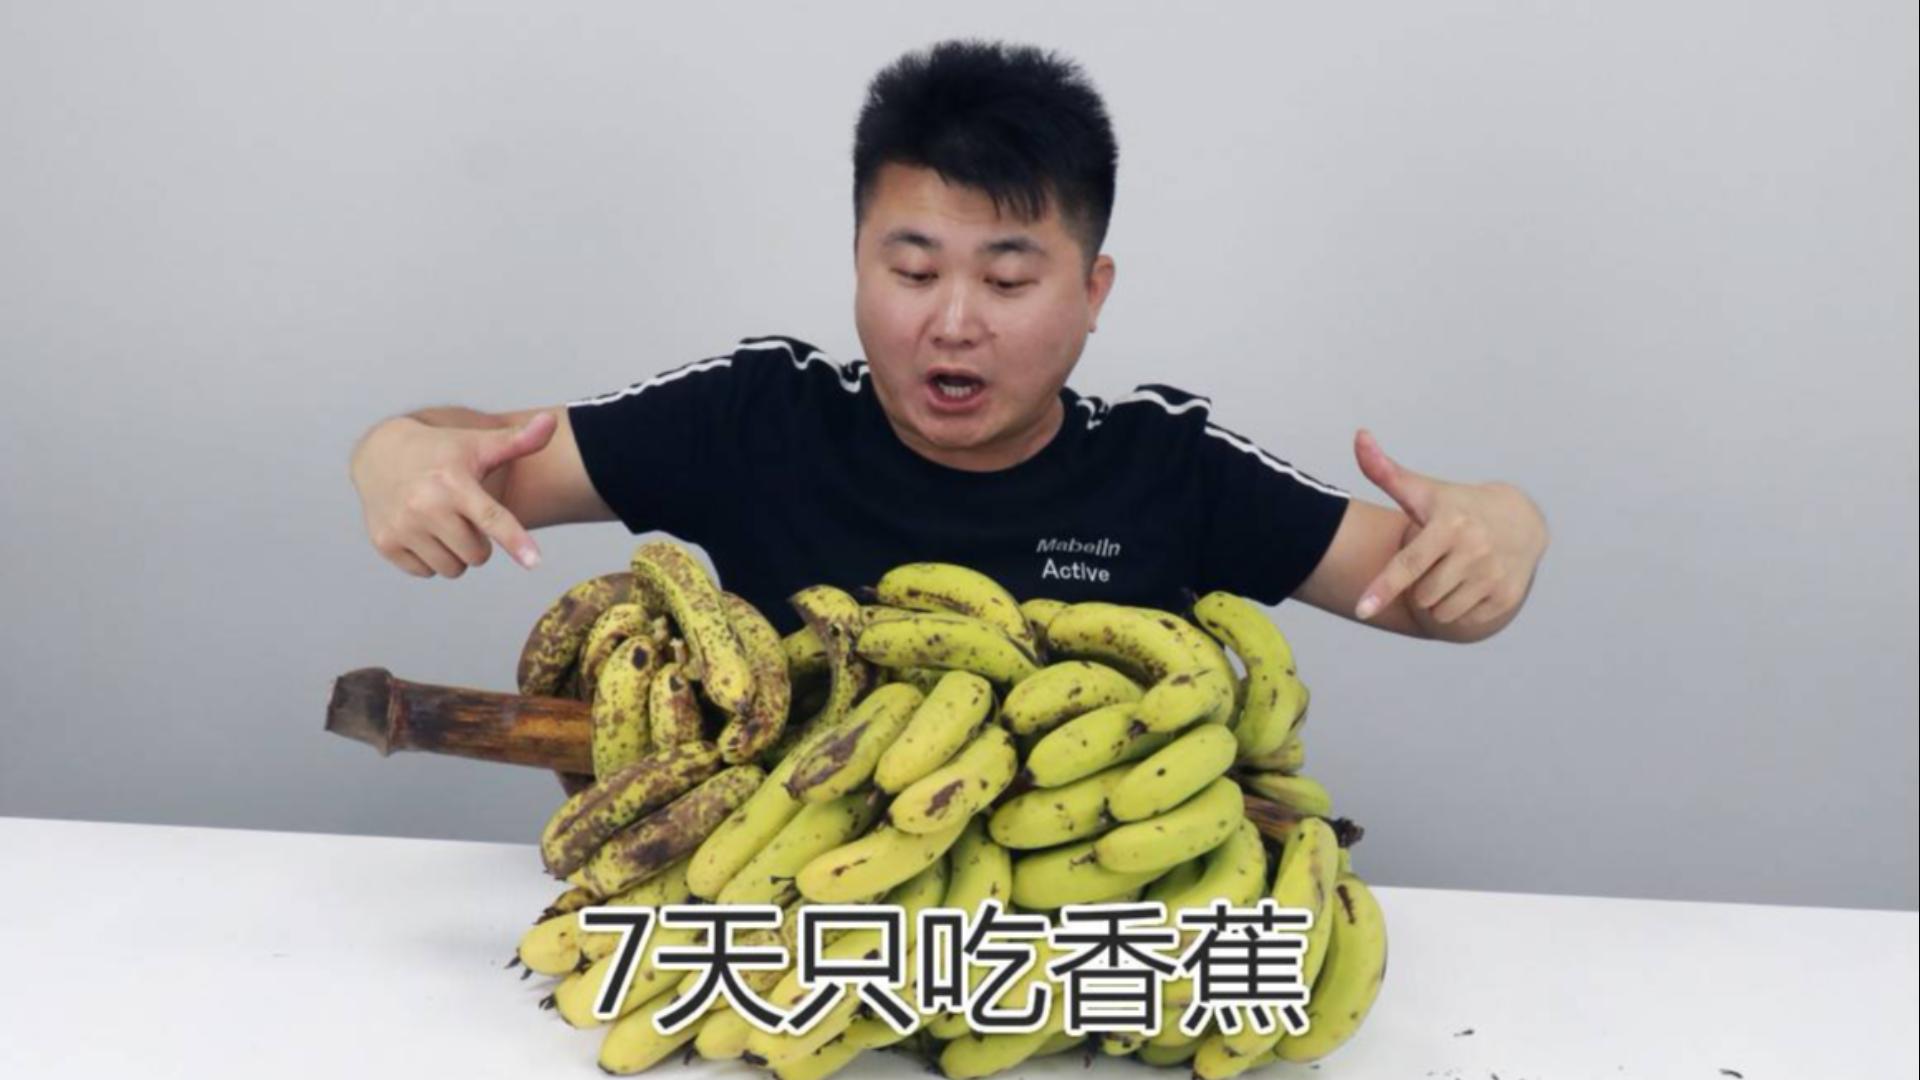 小伙为了减肥,连续7天把这些香蕉吃完,看最后能瘦下多少斤?